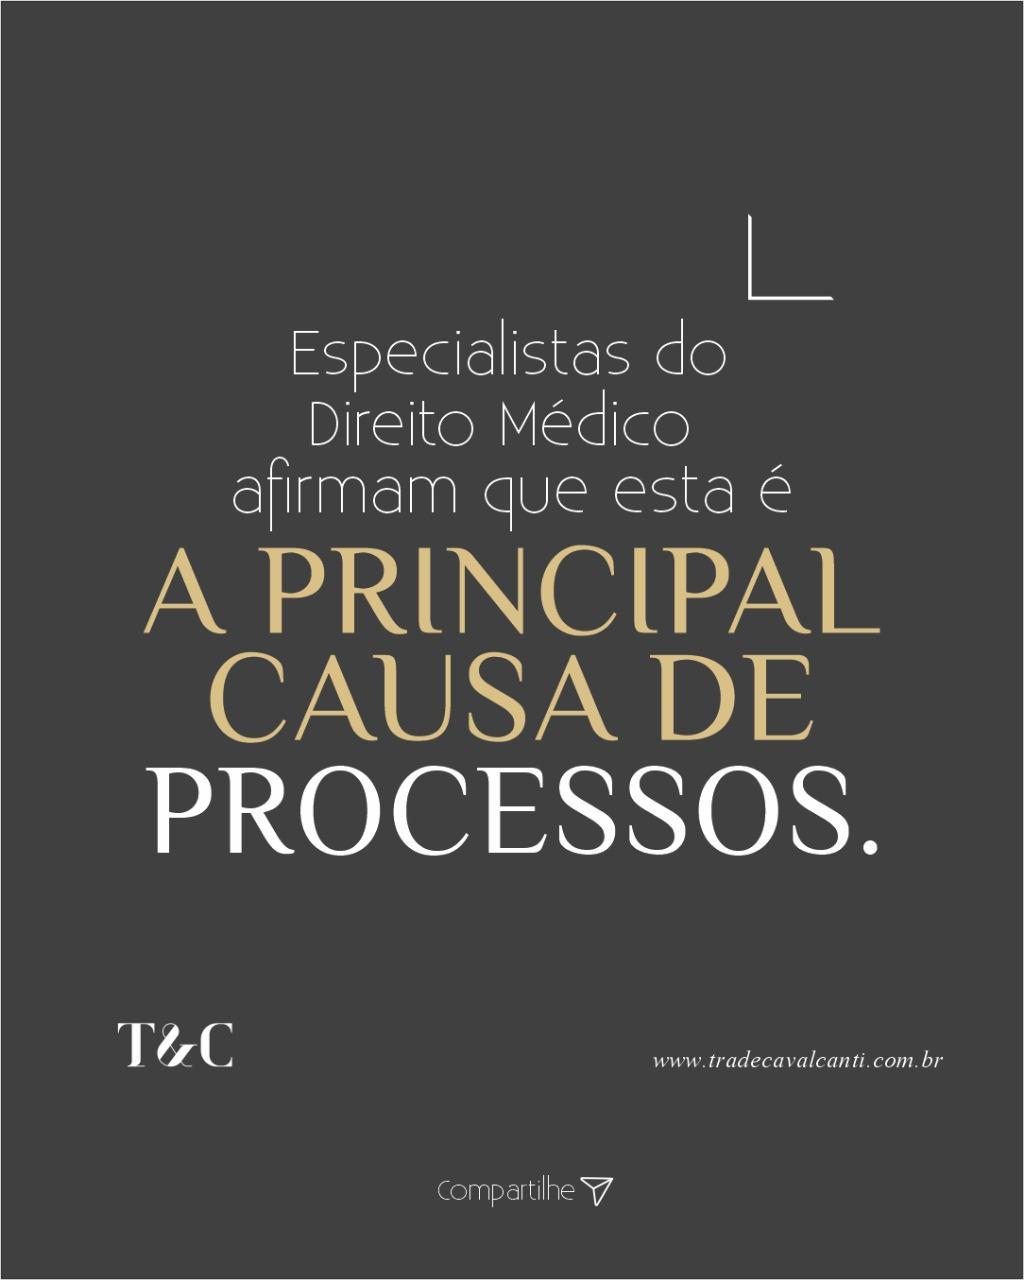 ESPECIALISTAS DO DIREITO MÉDICO AFIRMAM QUE ESTA É A PRINCIPAL CAUSA DE PROCESSOS.